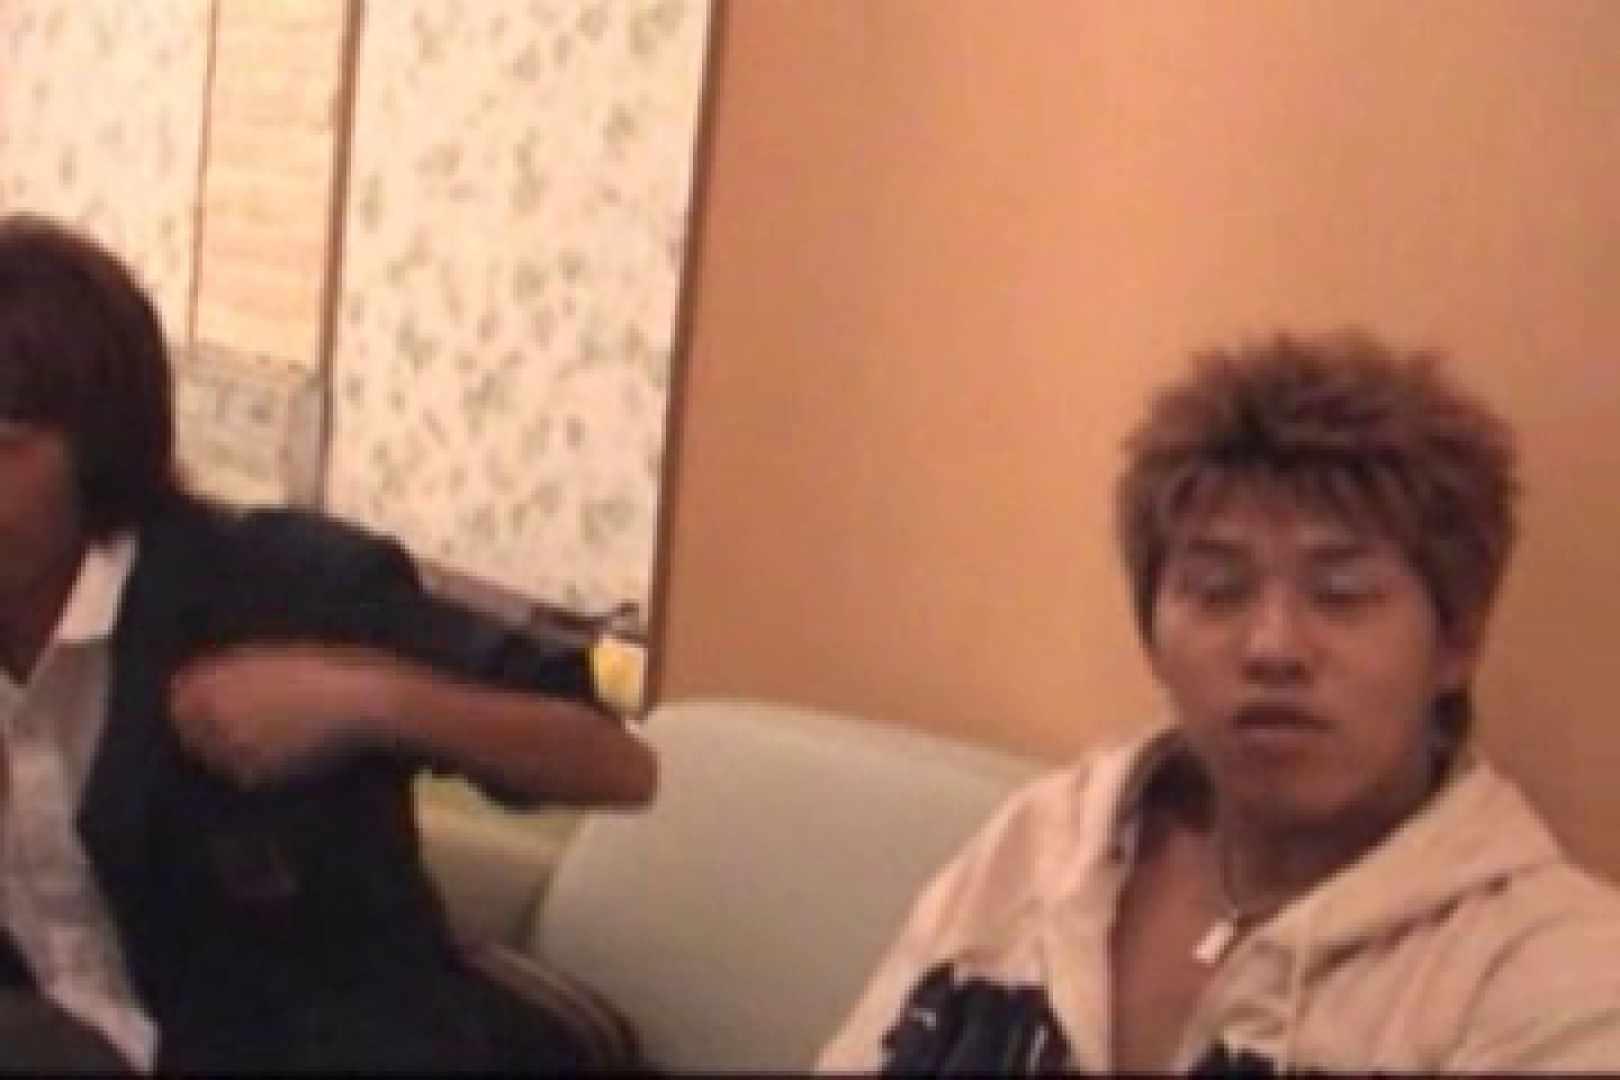 【流出】ジャニ系イケメン!!フライング&アナルが痛くて出来ません!! 男まつり ゲイエロ動画 83枚 47